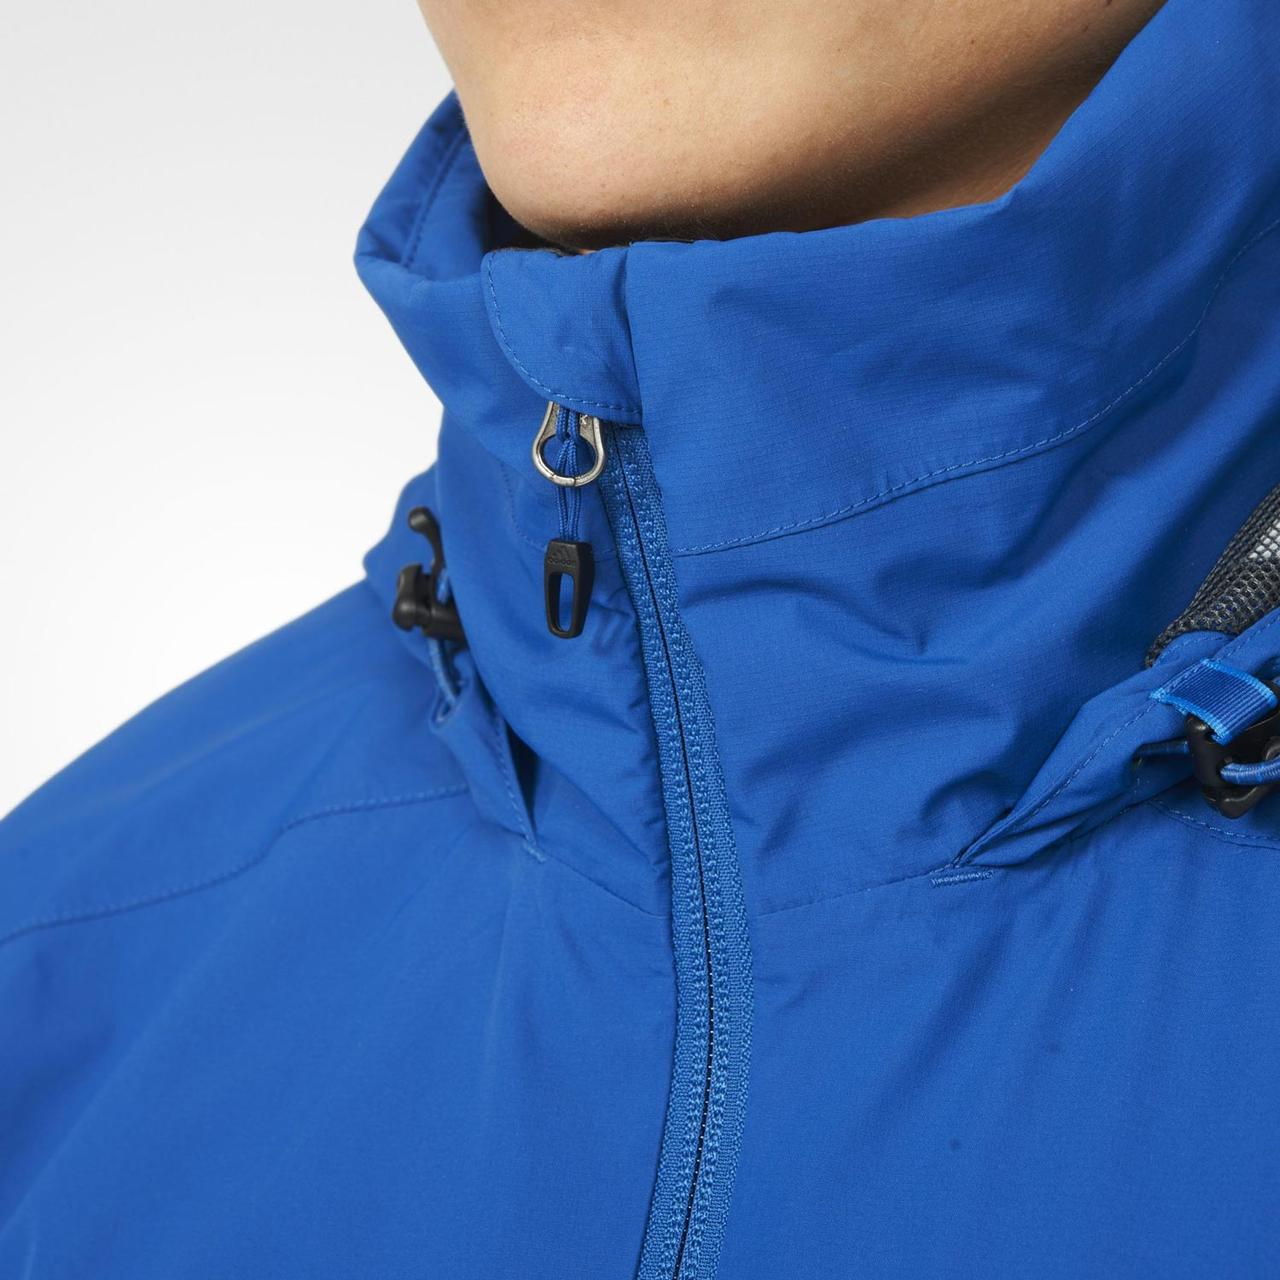 eaf47300 ... с Ветровка спортивная мужская adidas 2L GTX JKT AO2377 (синяя,  непромокаемая, непродуваемая, ...